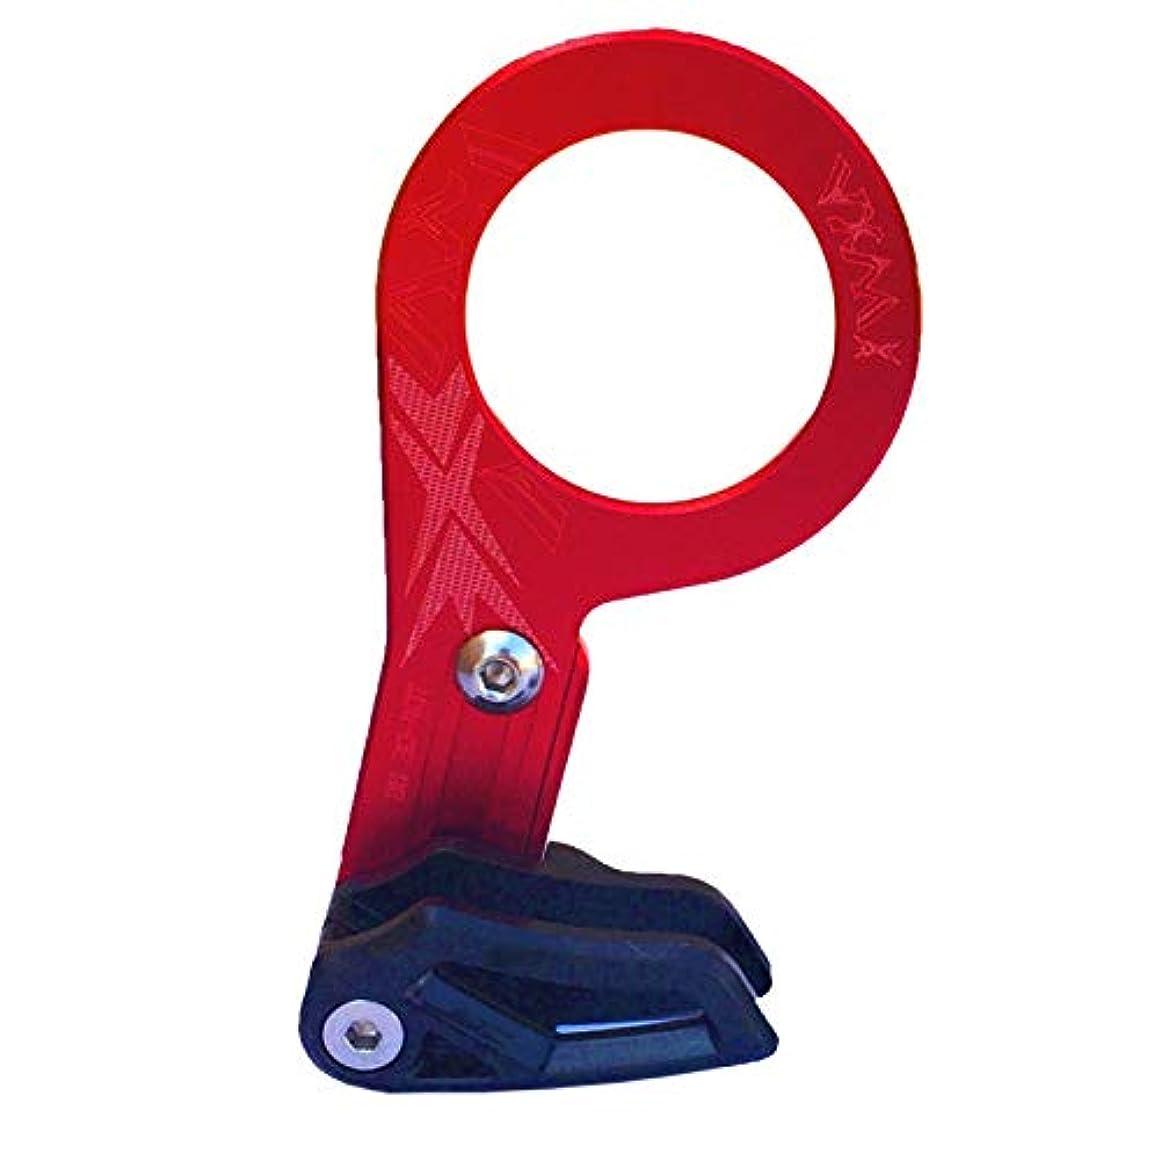 締め切り残高誰のPropenary - Bicycle Chain guide bicycle chain protector 1X System Single Chainring round 32-40T Bike crankset oval 30T-38T Bicycle Parts [ Red ]